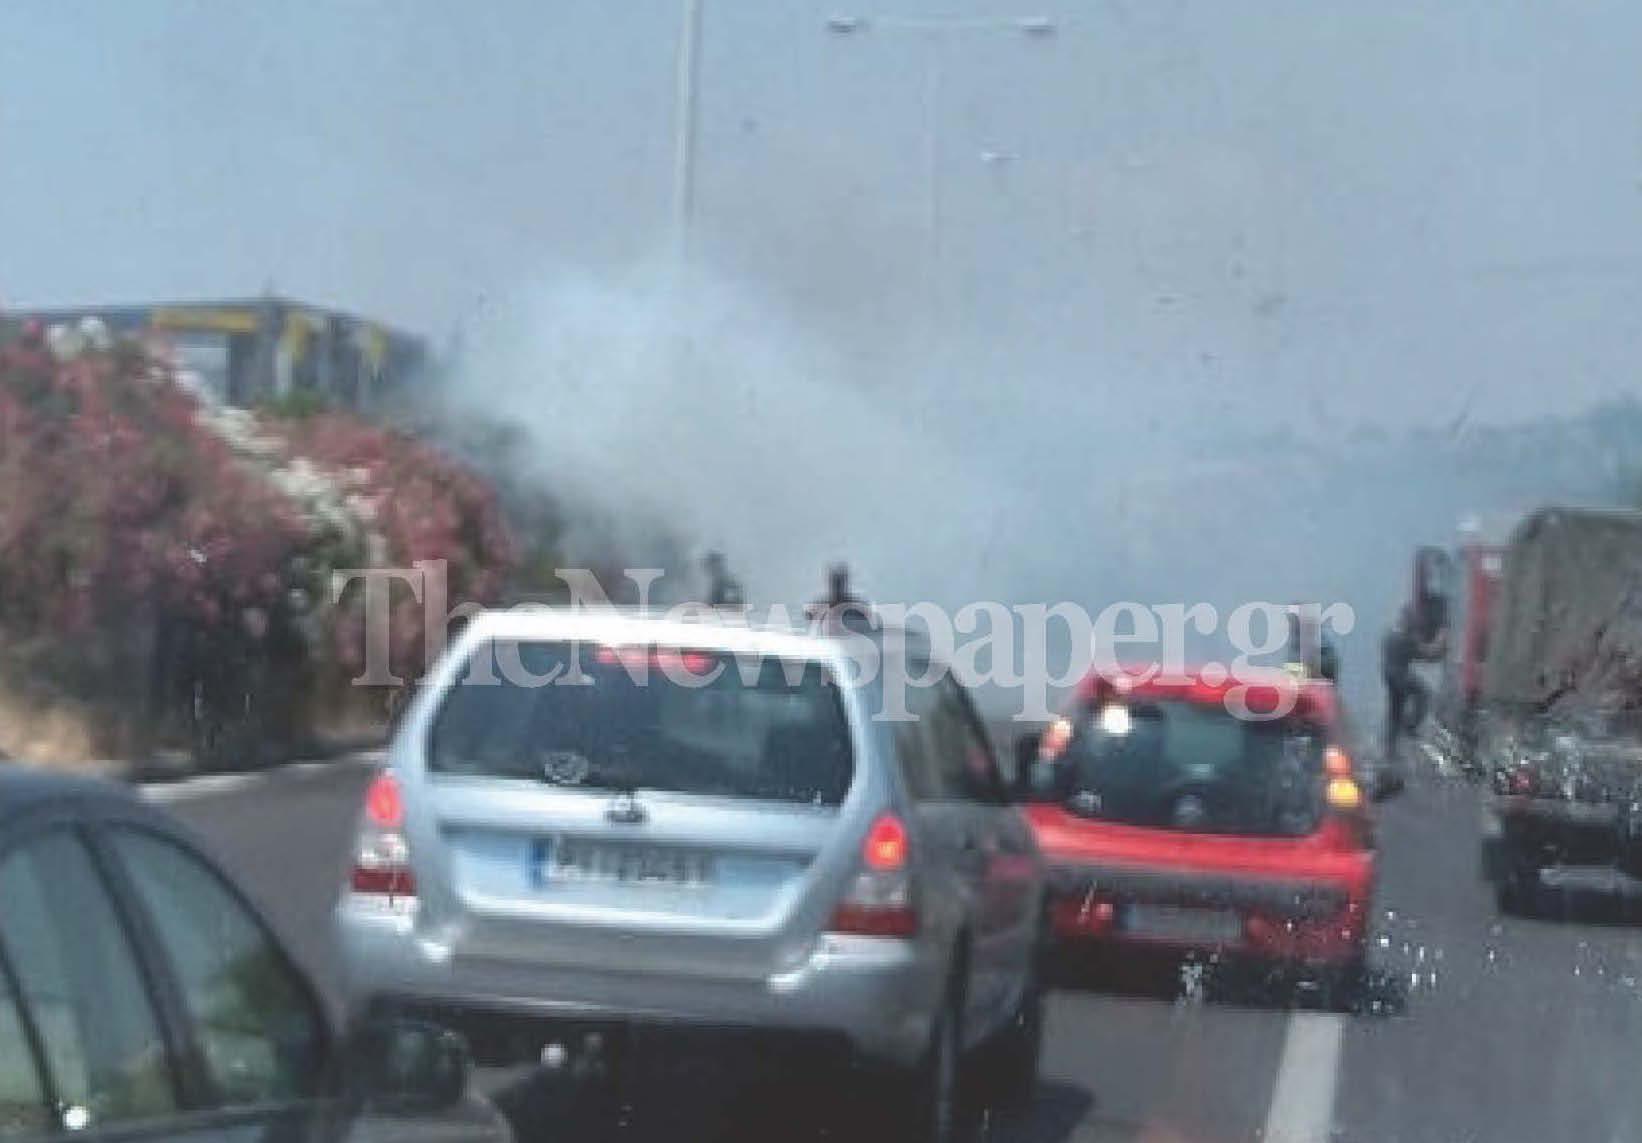 Φωτιά στη διαχωριστική νησίδα της ΒΙΠΕ Βόλου προκάλεσε τροχαίο ατύχημα [εικόνες]